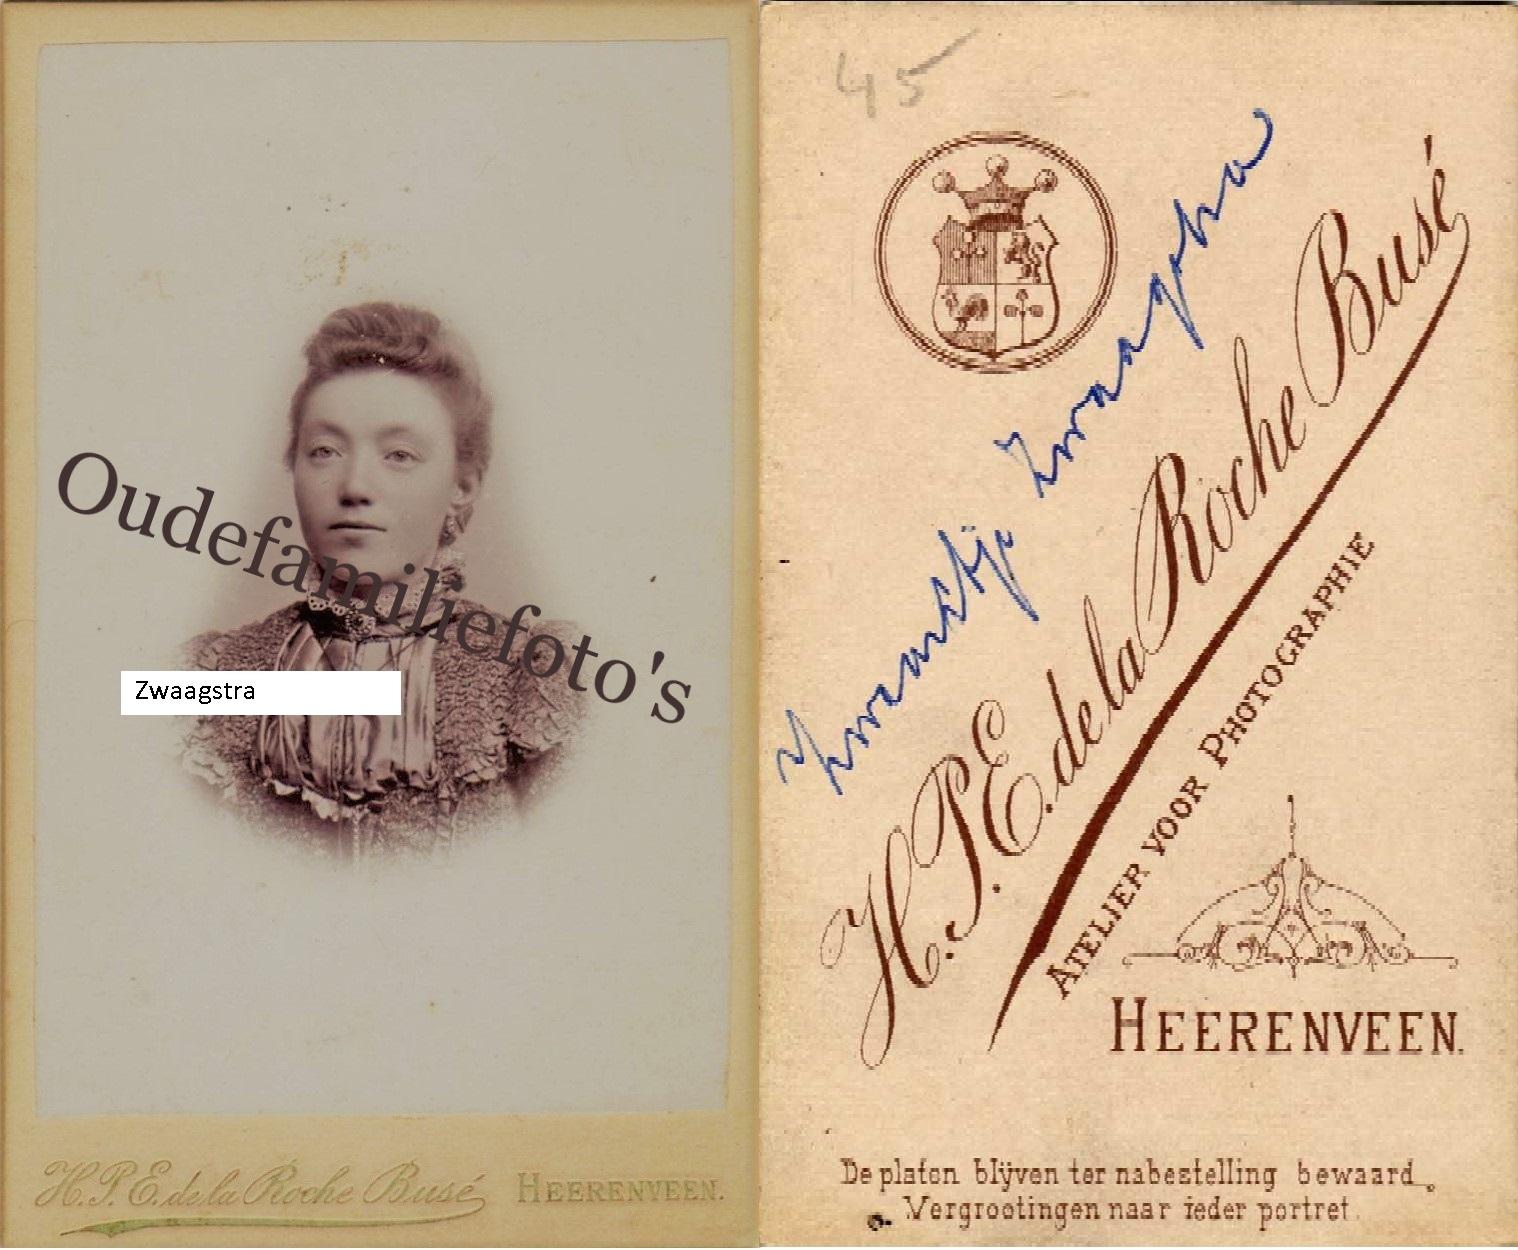 Zwaagstra, Zwaantje. Geb. 26-1-1877 Benedenknijpe. ovl. 16-7-1949 Heereveen. Getrouwd met Jan Brouwer. € 3,00